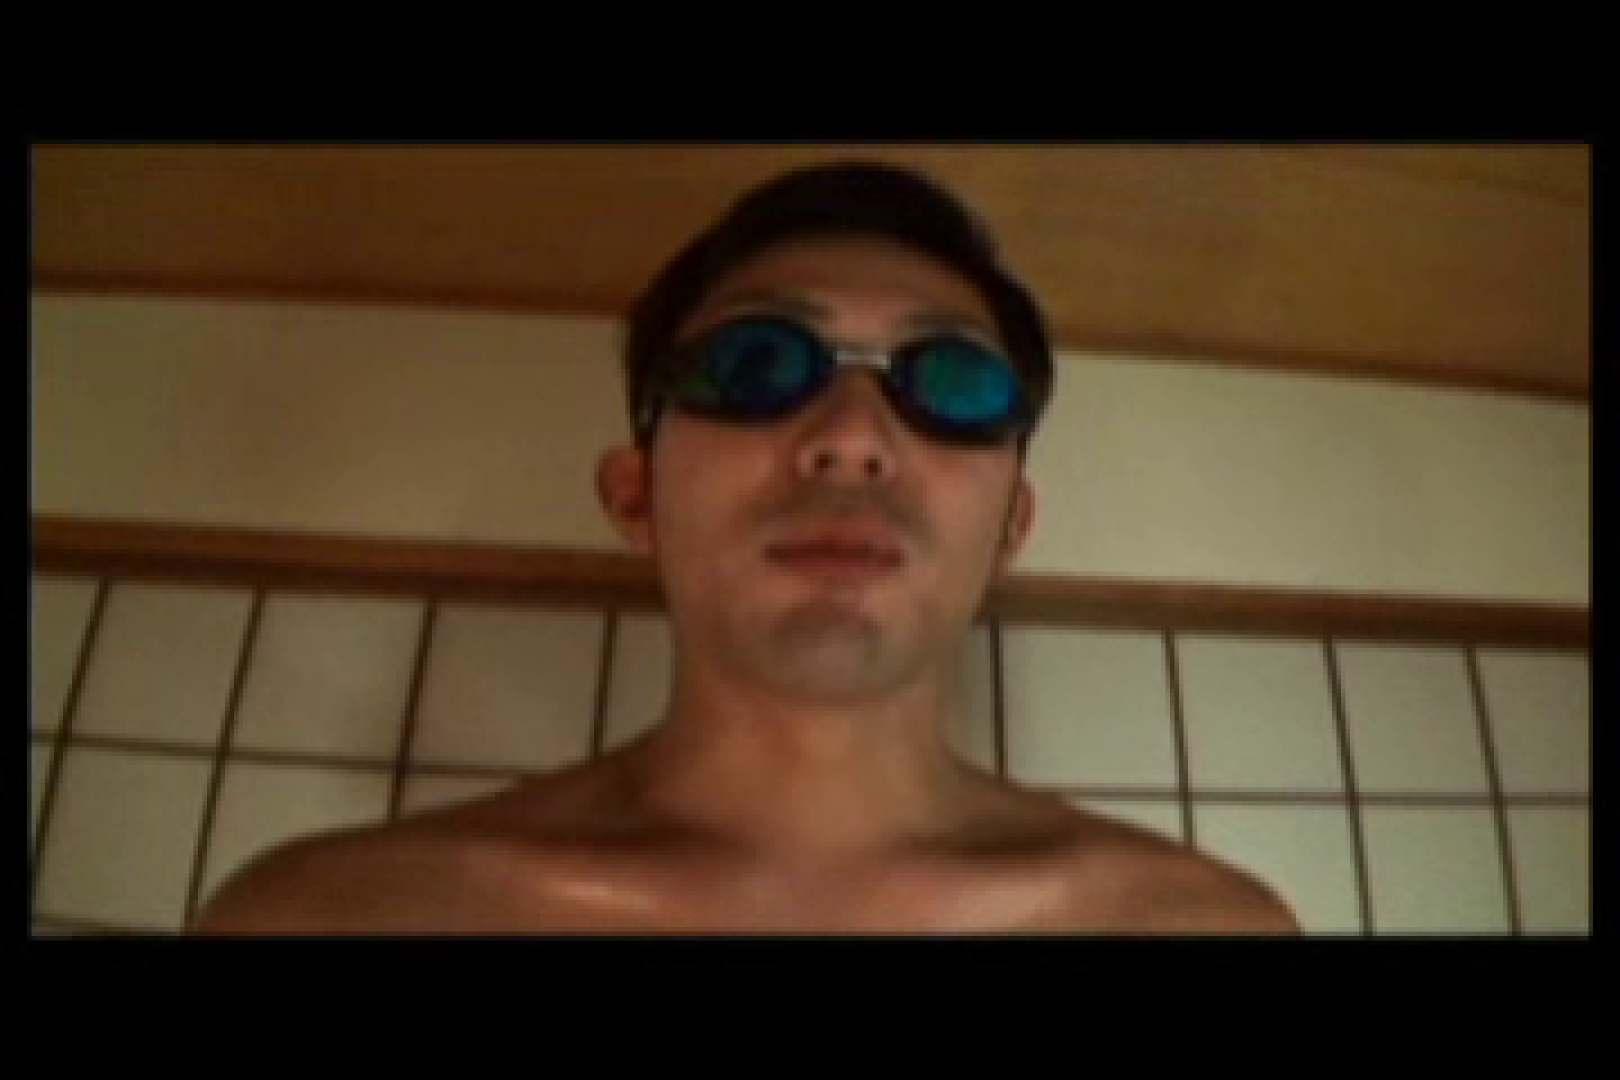 スジ筋ガチムチゴーグルマンvol2 オナニー アダルトビデオ画像キャプチャ 73枚 23